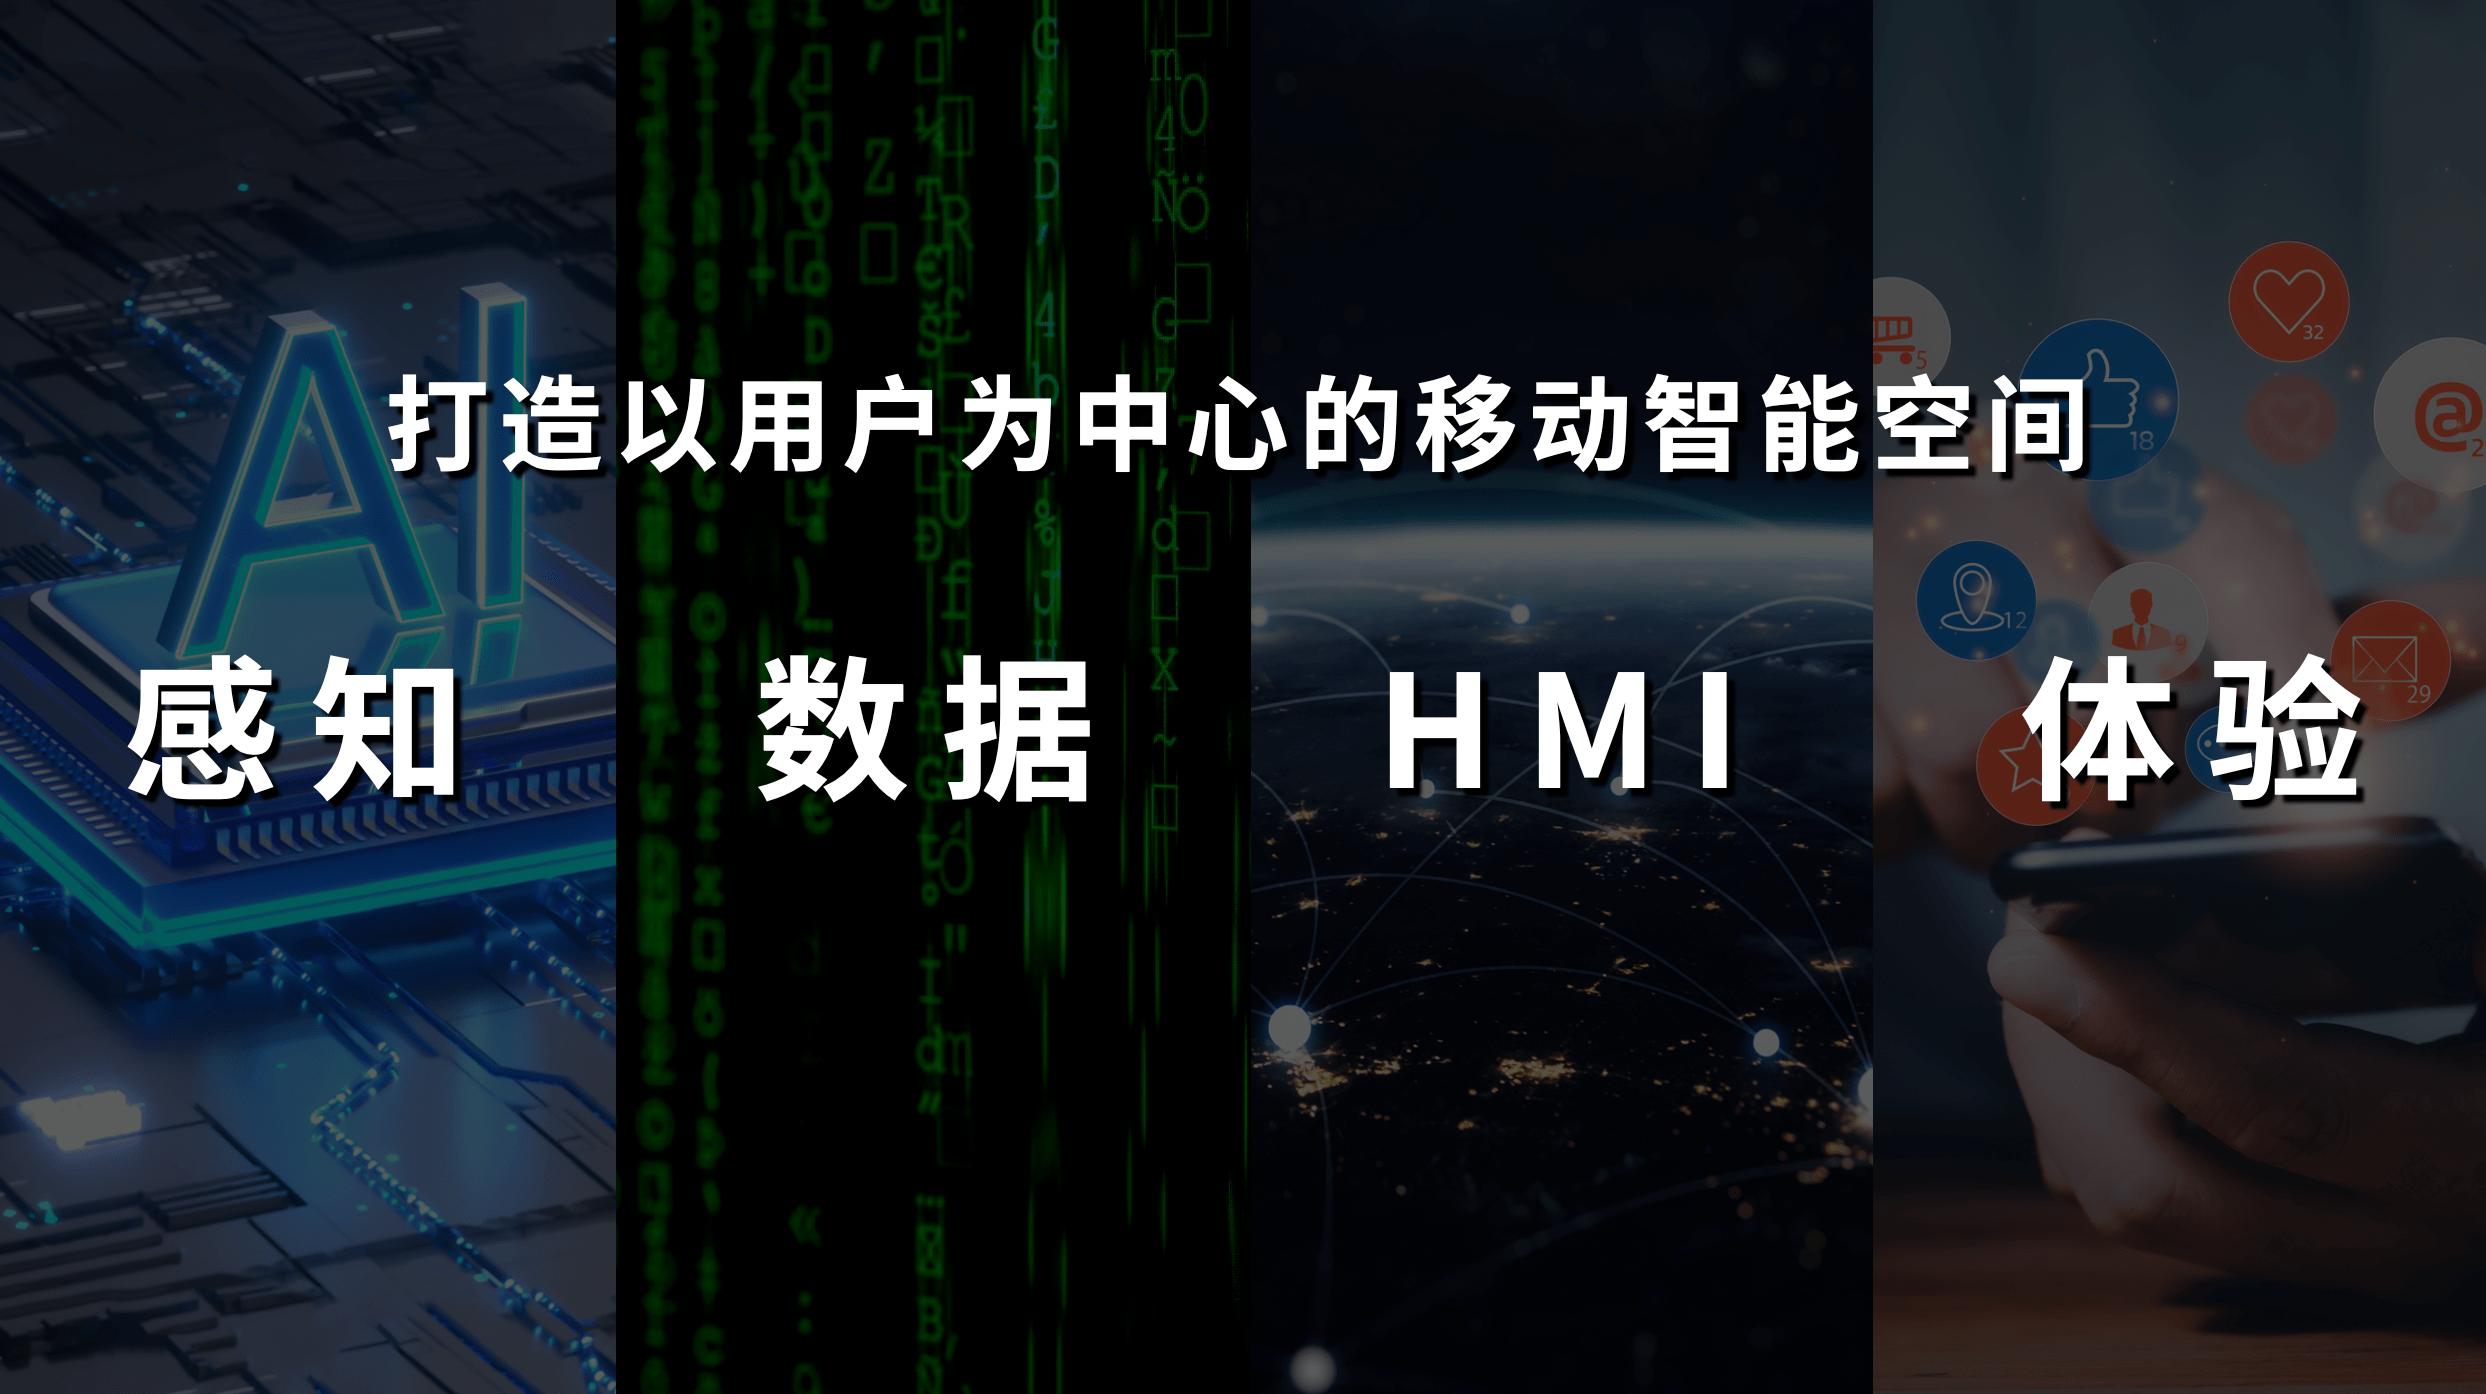 """智能+混动 WEY品牌焕新打响中国品牌""""第一枪"""""""